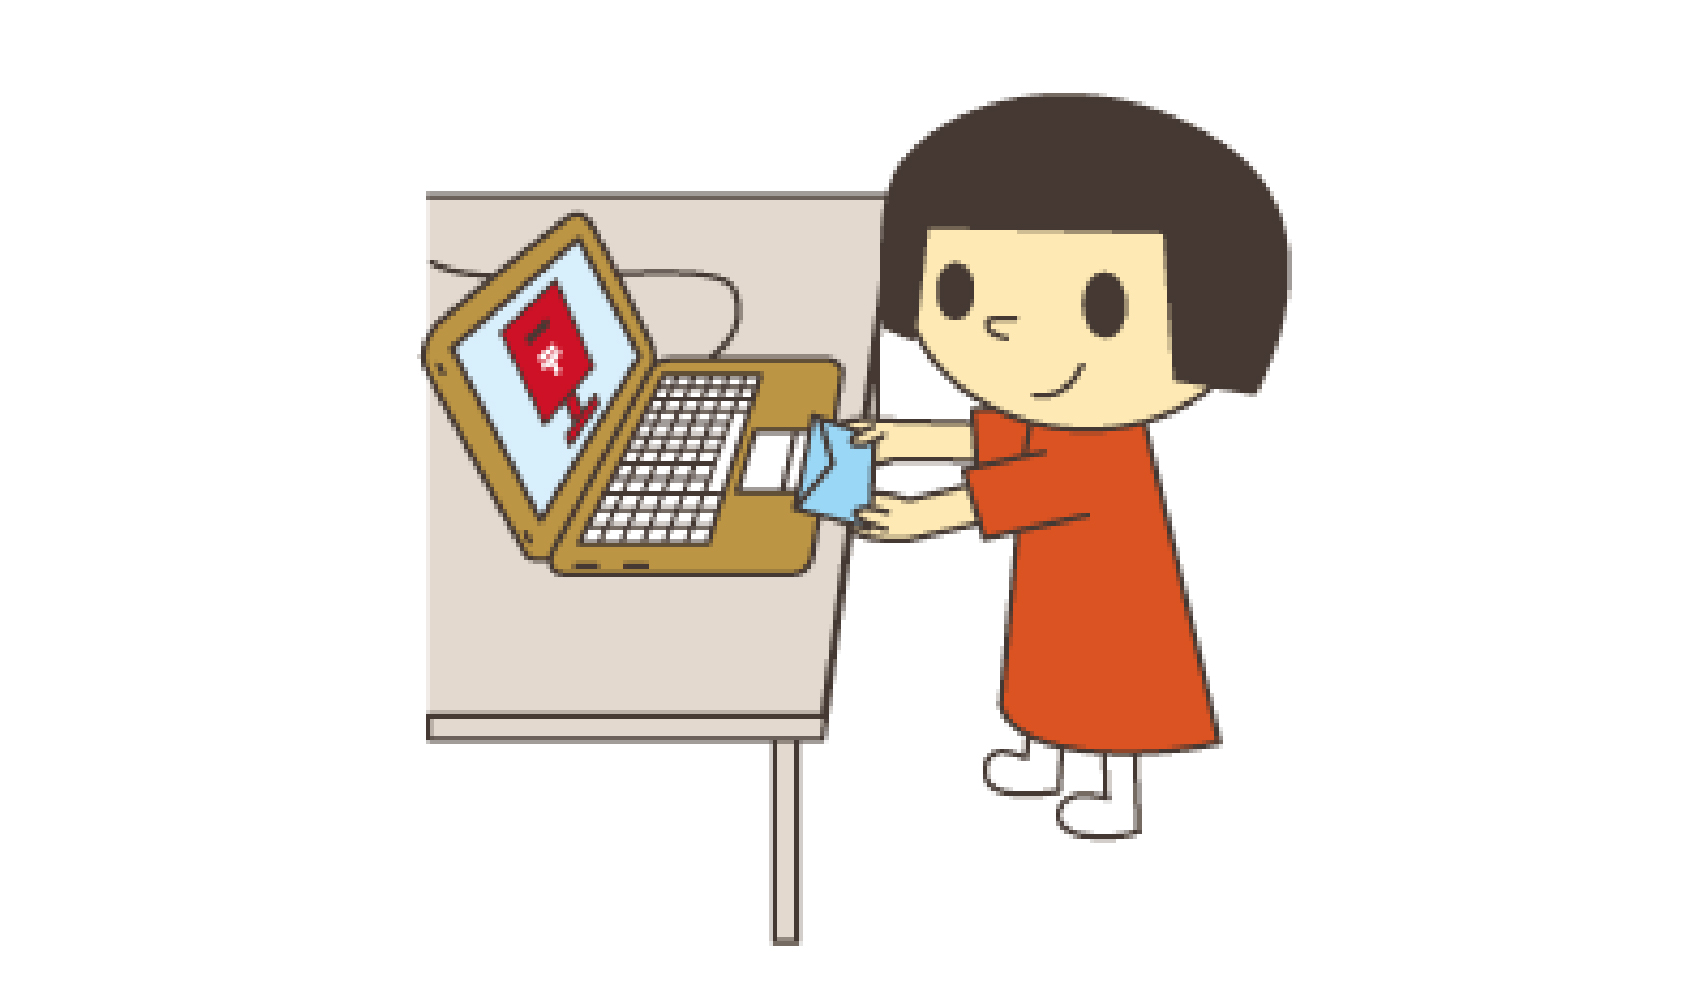 インターネットにおけるルールとマナー検定(こどもばん)